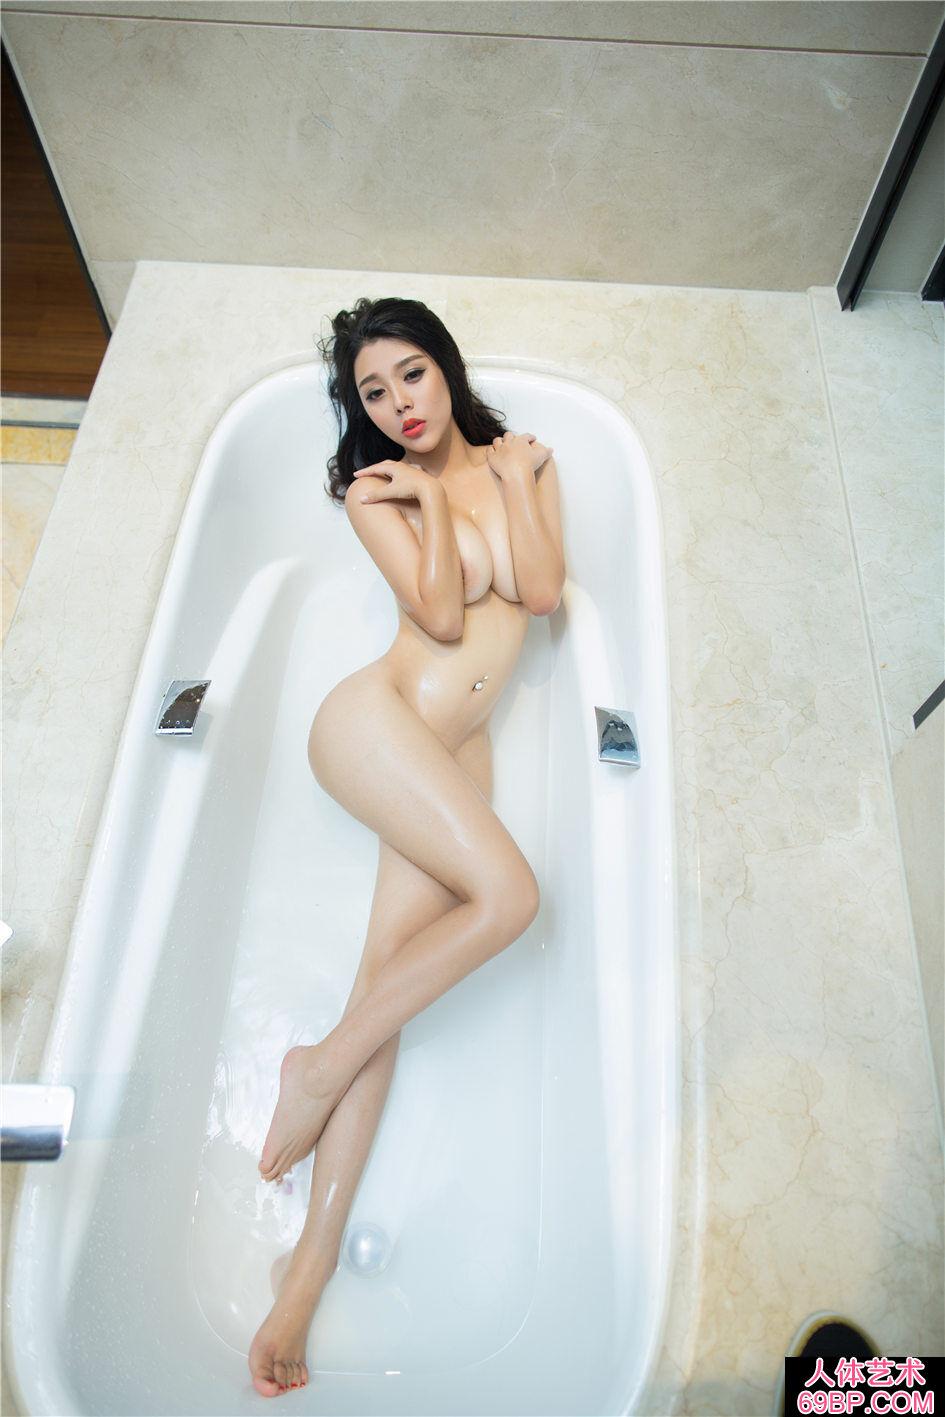 身材很棒的尤物浴室湿身人体写真